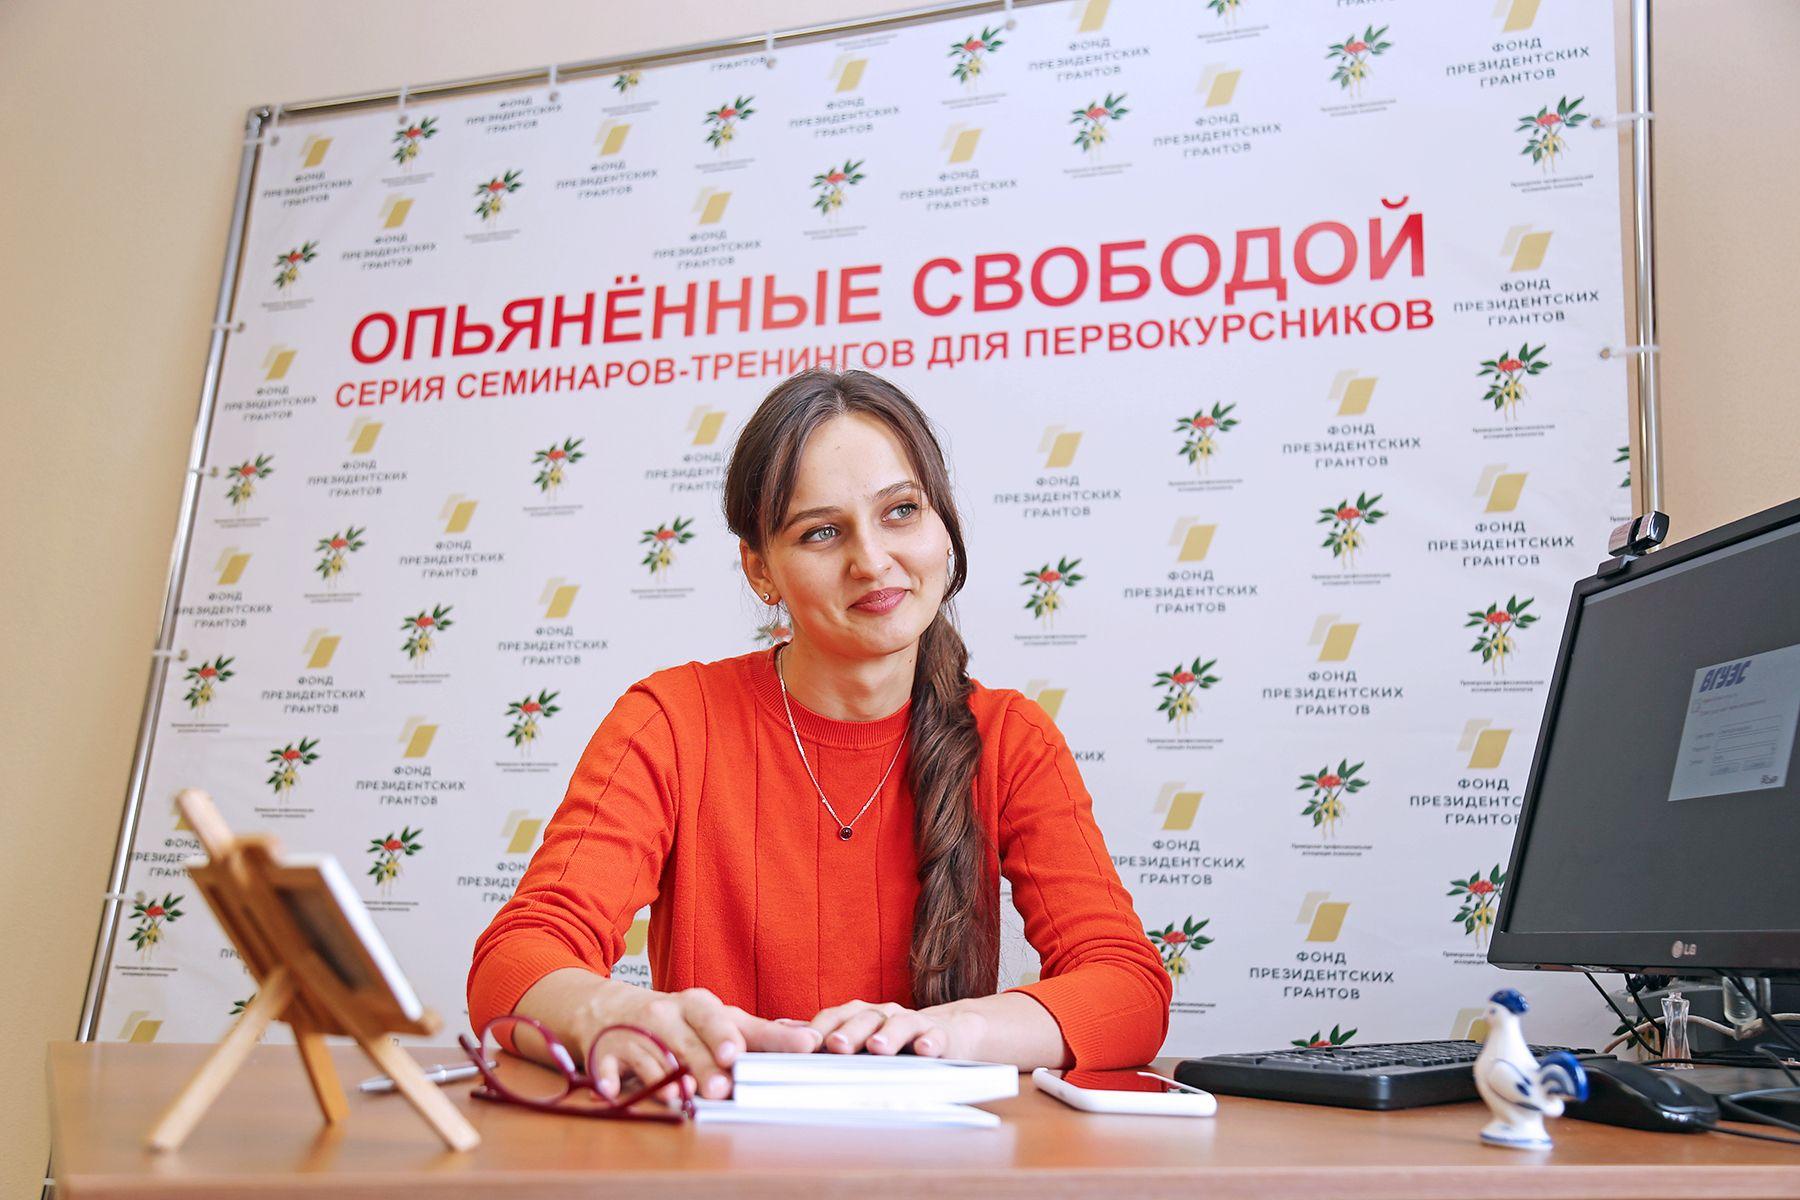 Младший научный сотрудник ВГУЭС Варвара Малахова выиграла грант РФФИ